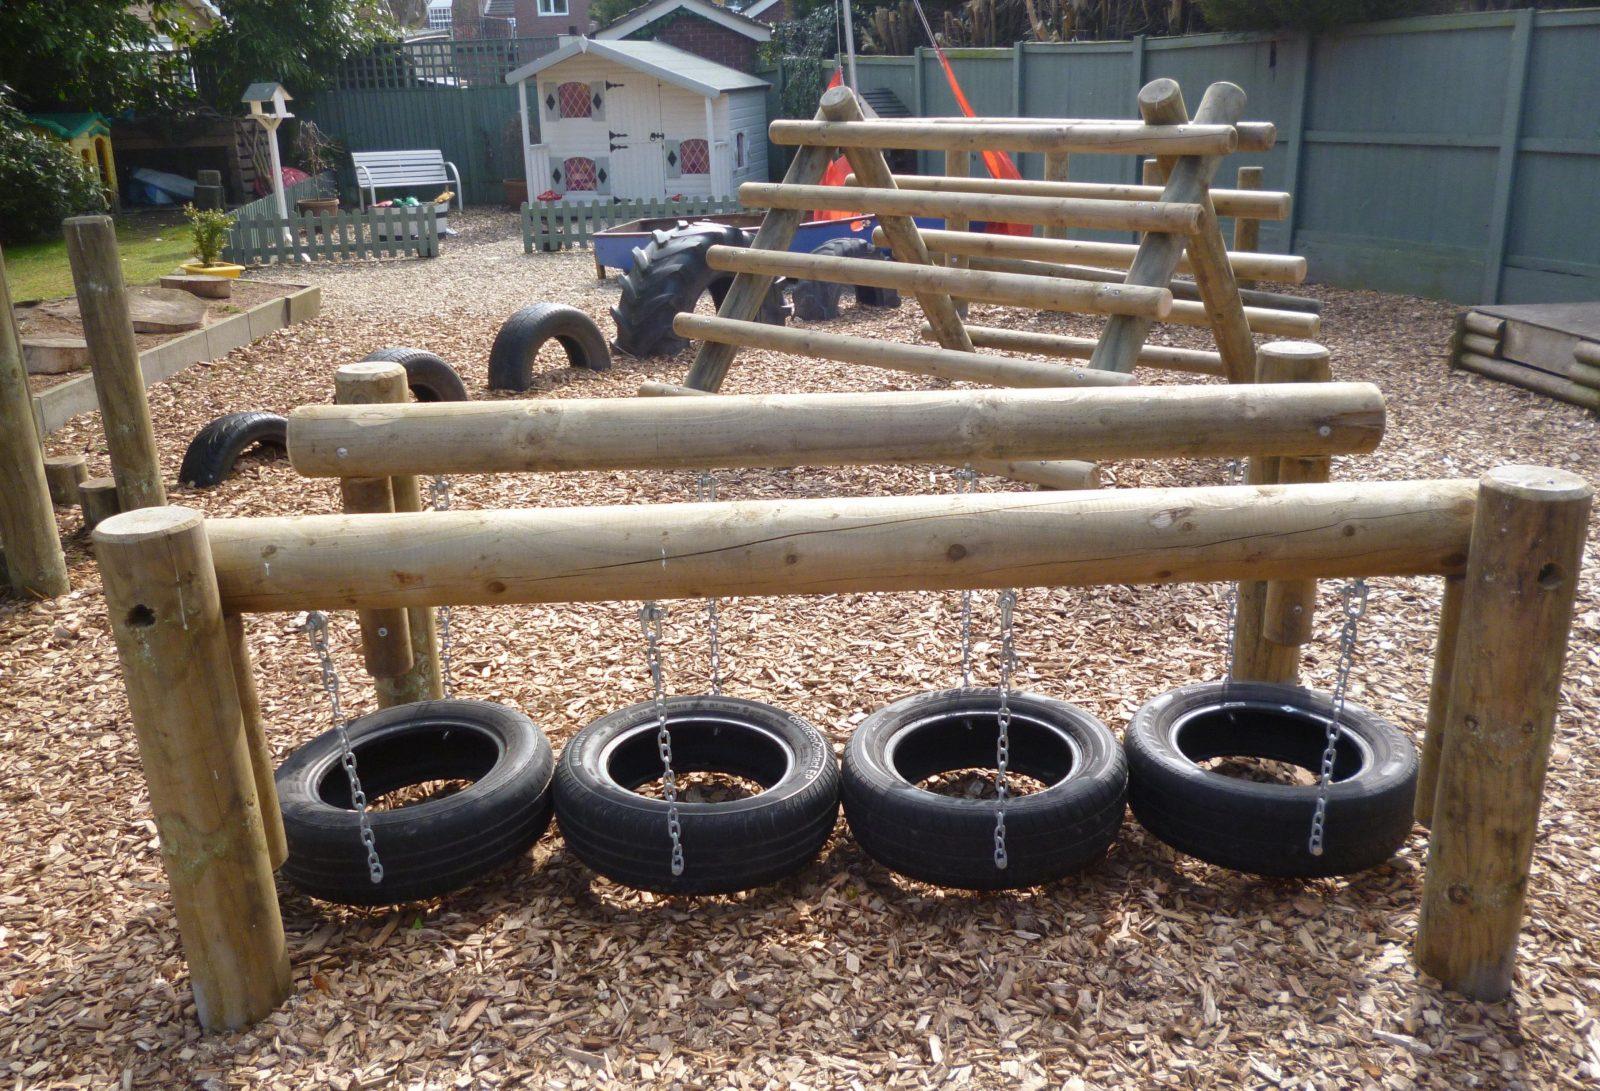 Abenteuerspielplatz Für Kinder Zum Spielen Im Freien  Freshouse von Spielgeräte Garten Selber Bauen Photo